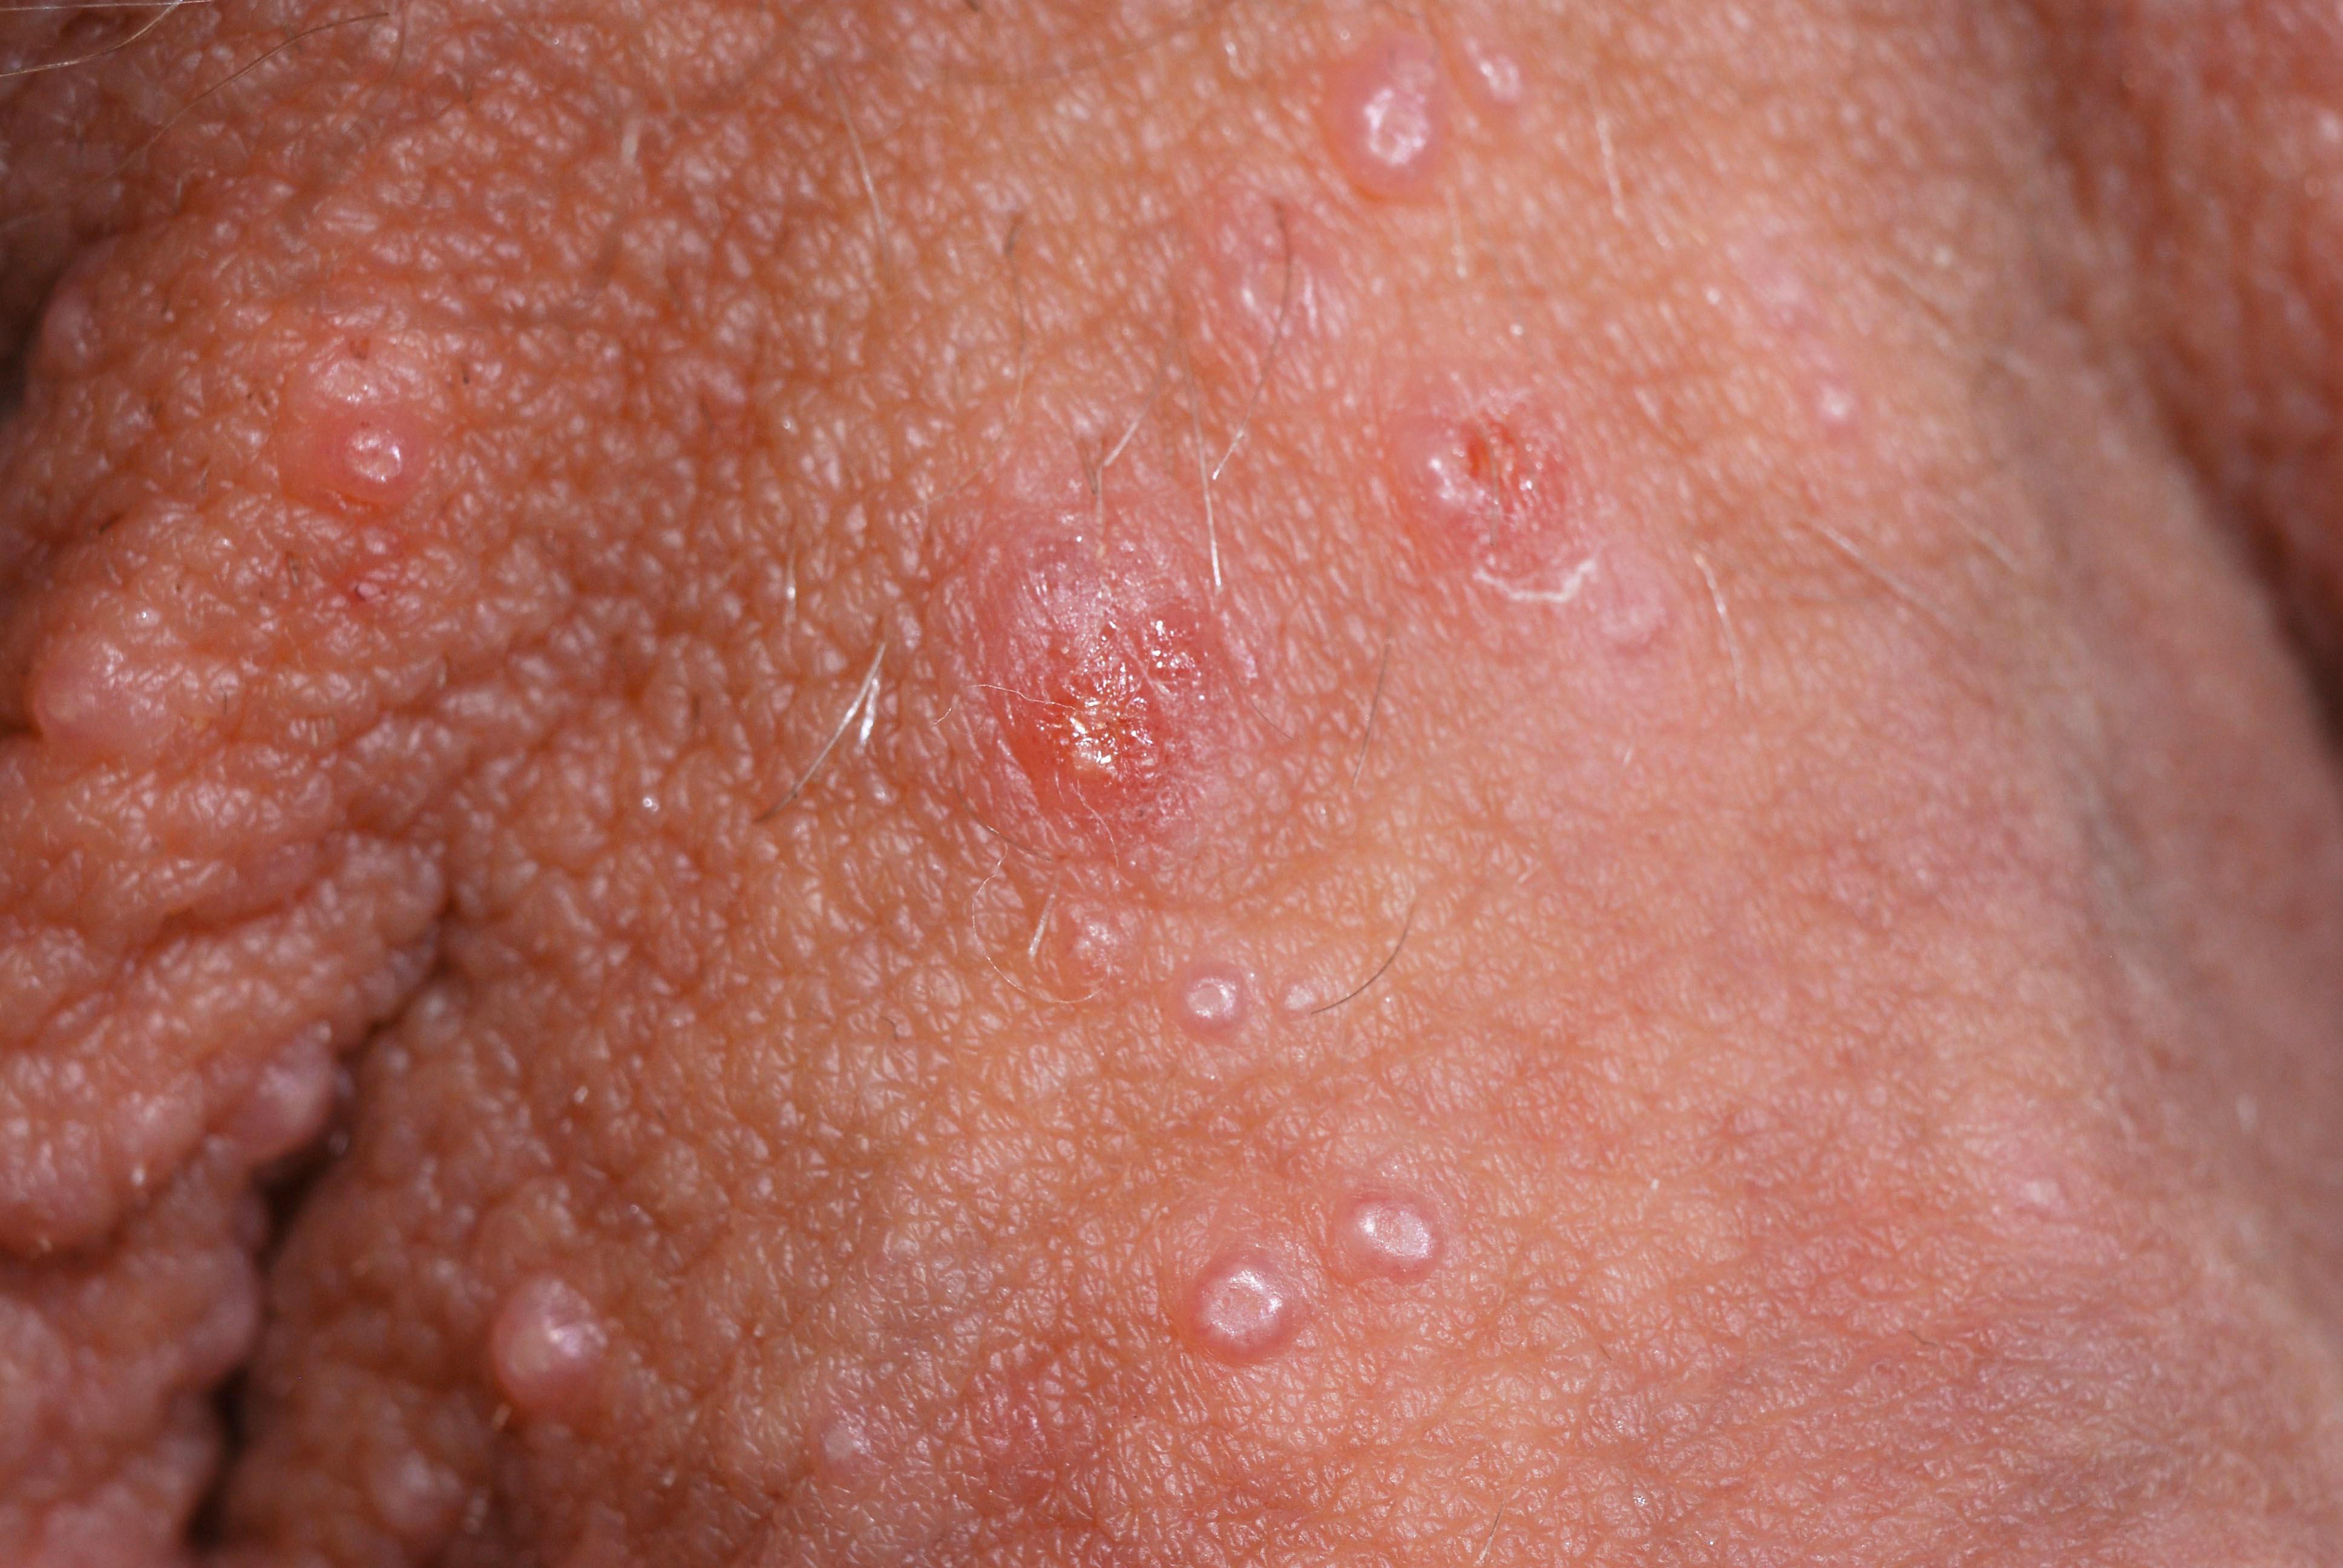 Mollusker vid penisroten. Ⓒ Anders Hallén, hudläkare